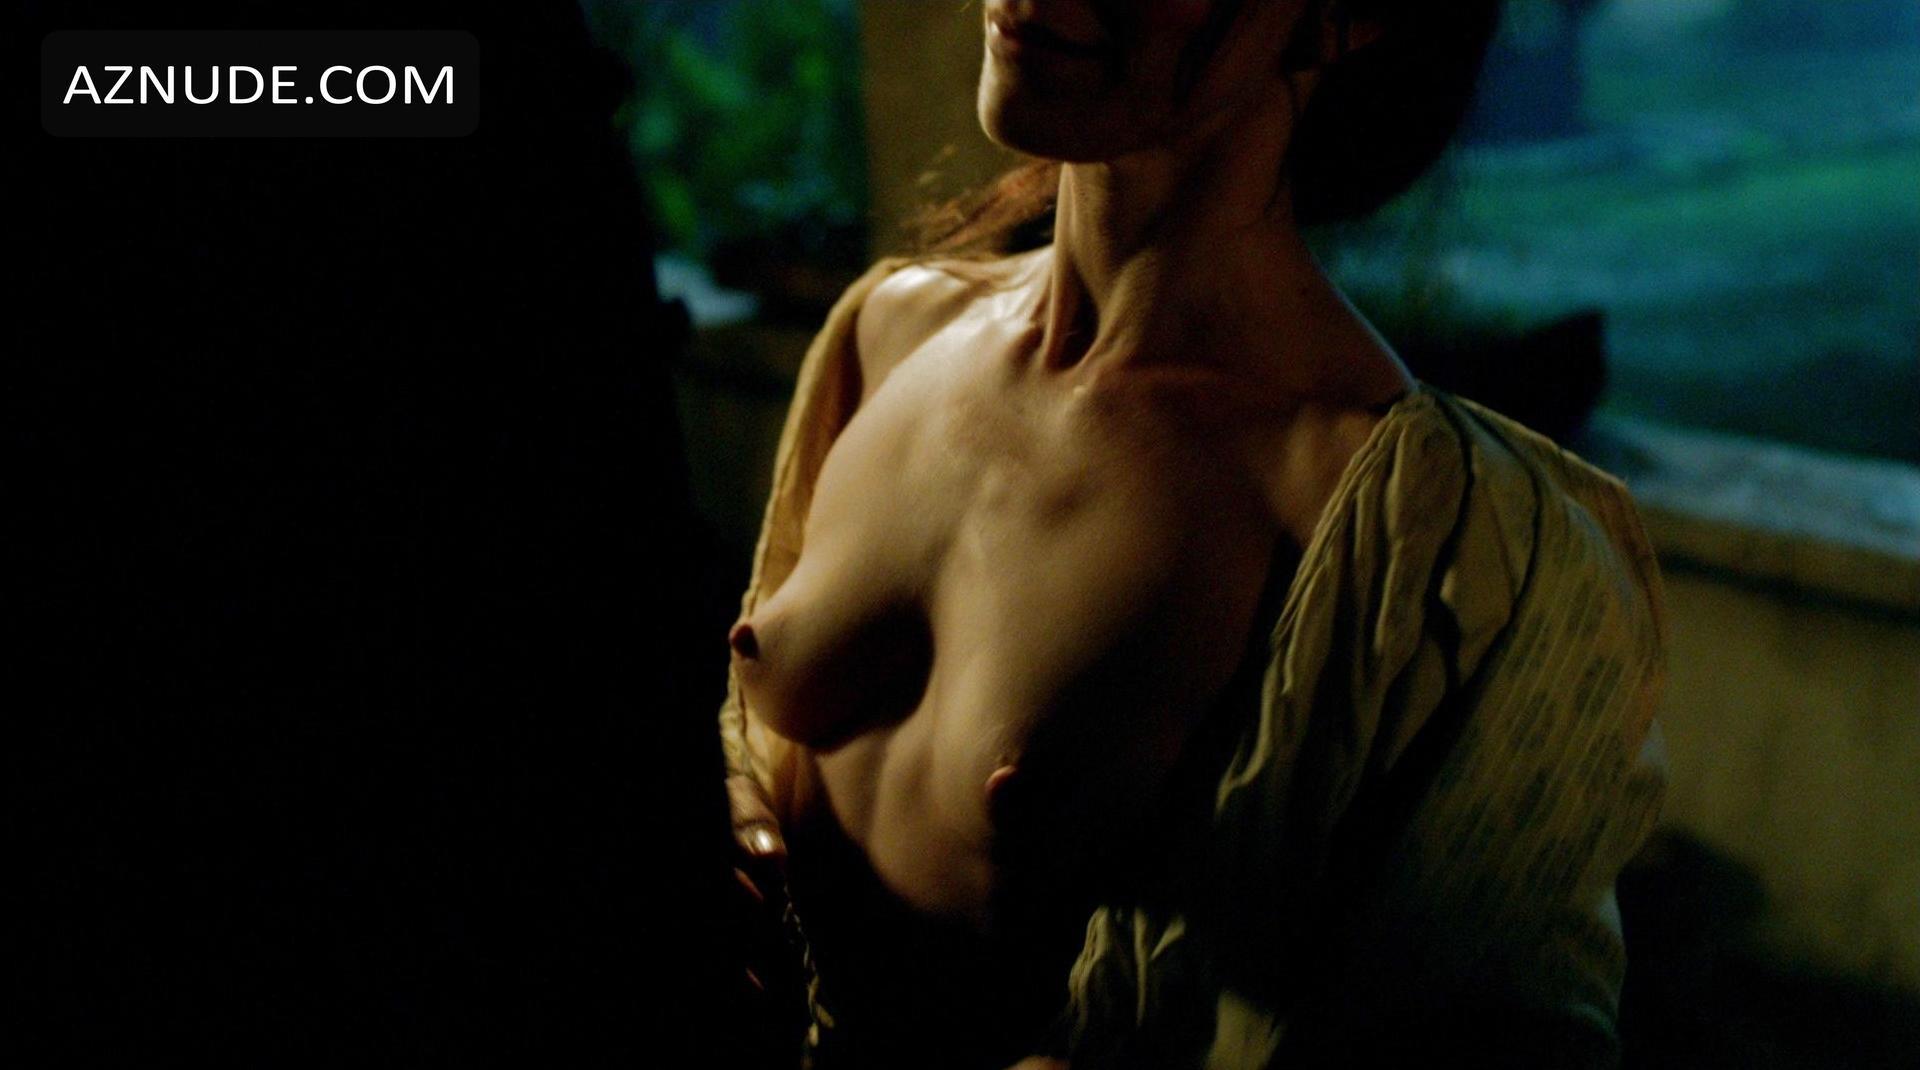 Lise slabber black sails s02e07 sex scene 2